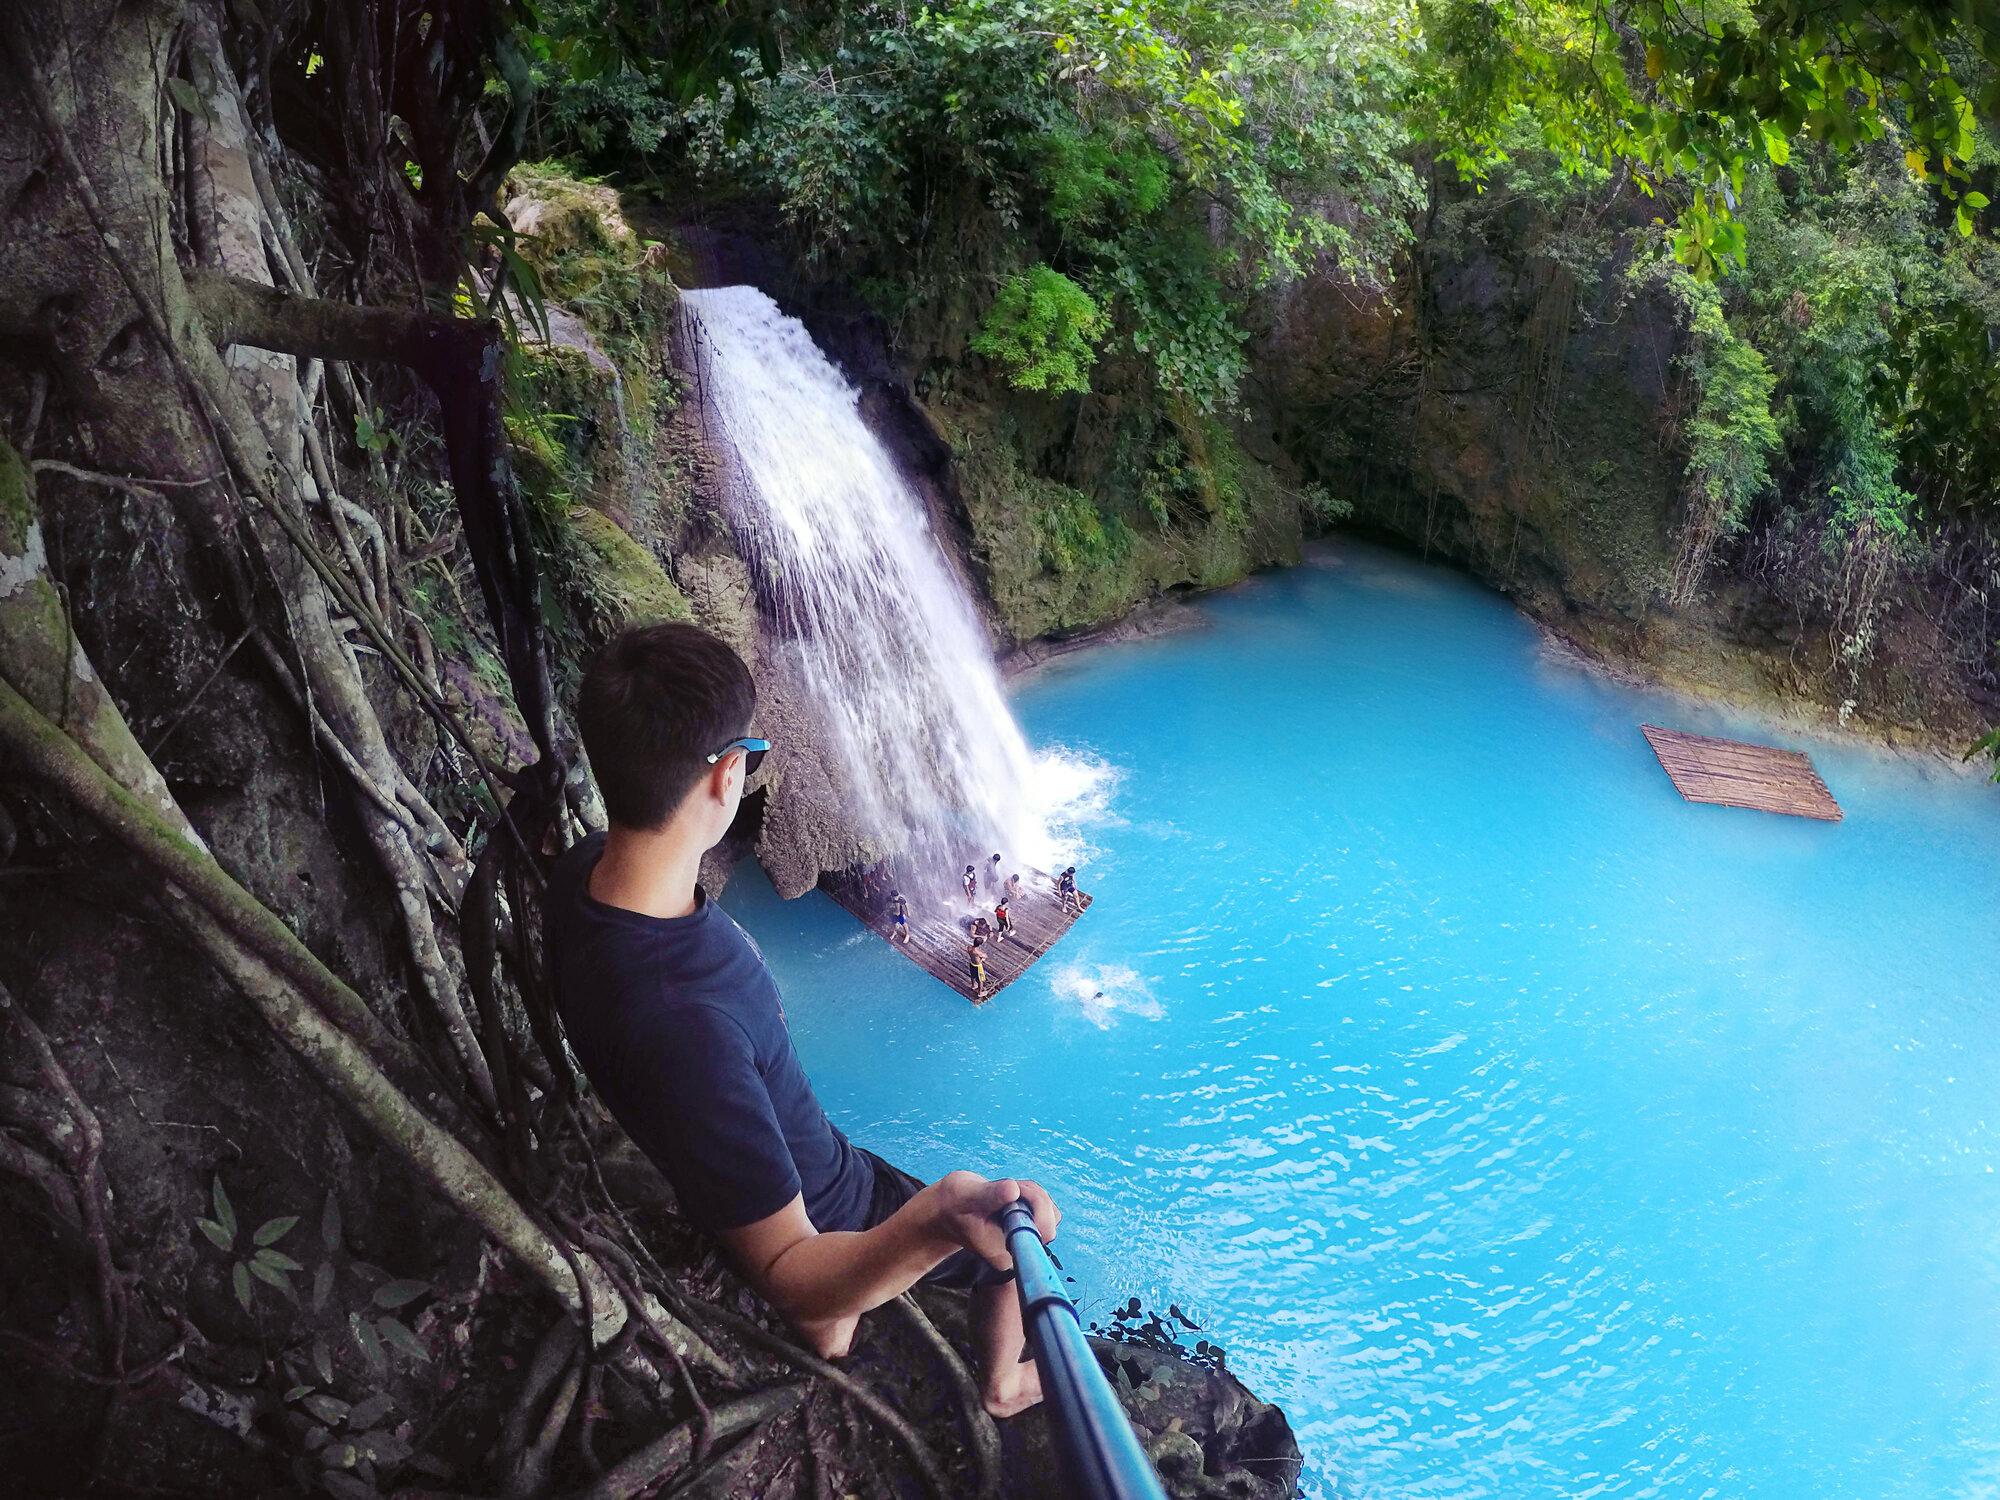 Canyoneering at Kawasan Falls, Badian, Cebu